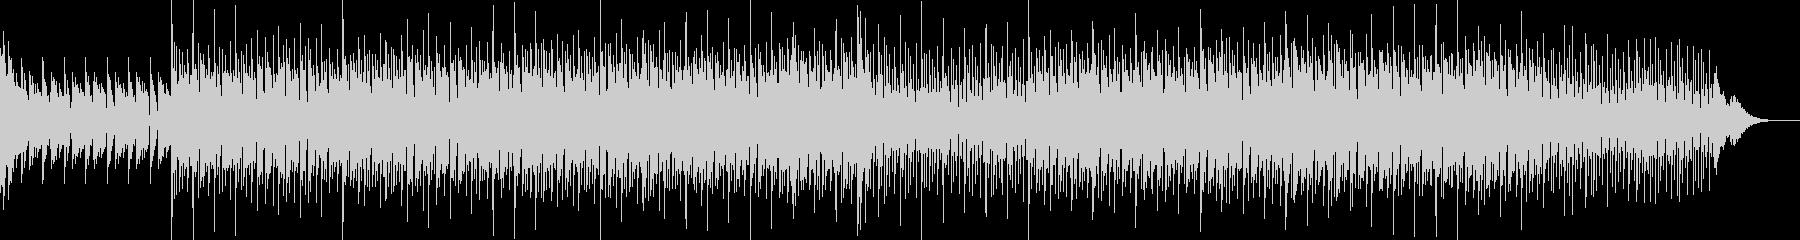 ニュース映像ナレーションバック向け-18の未再生の波形